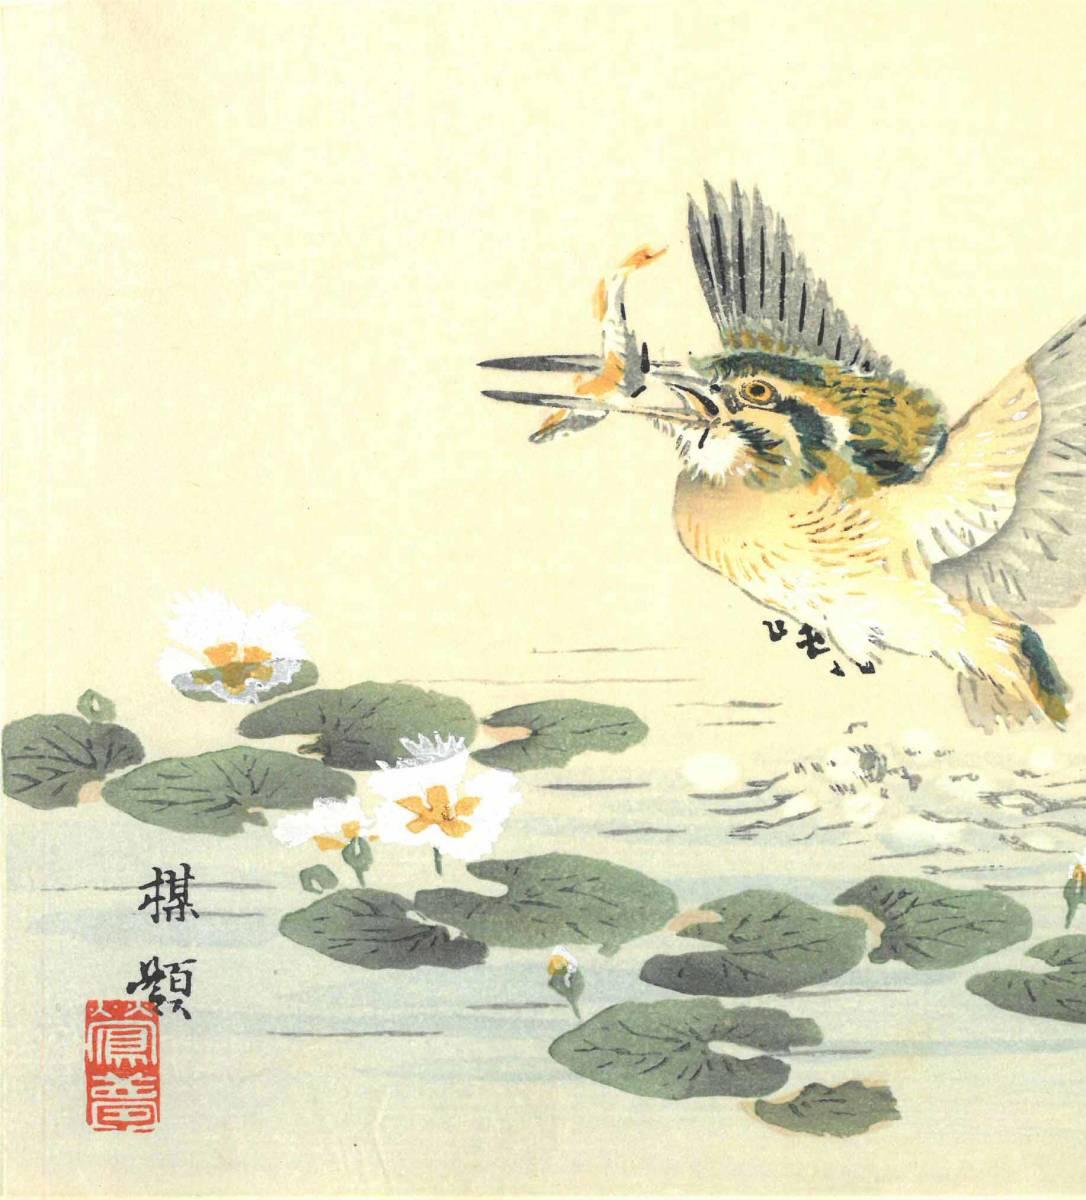 幸野楳嶺 (Kono Bairei) (1844~1895) 木版画 かわせみ 初版明治期~ 版元蔵出し作品! 京都の一流の摺師の技をご堪能下さい。_画像6